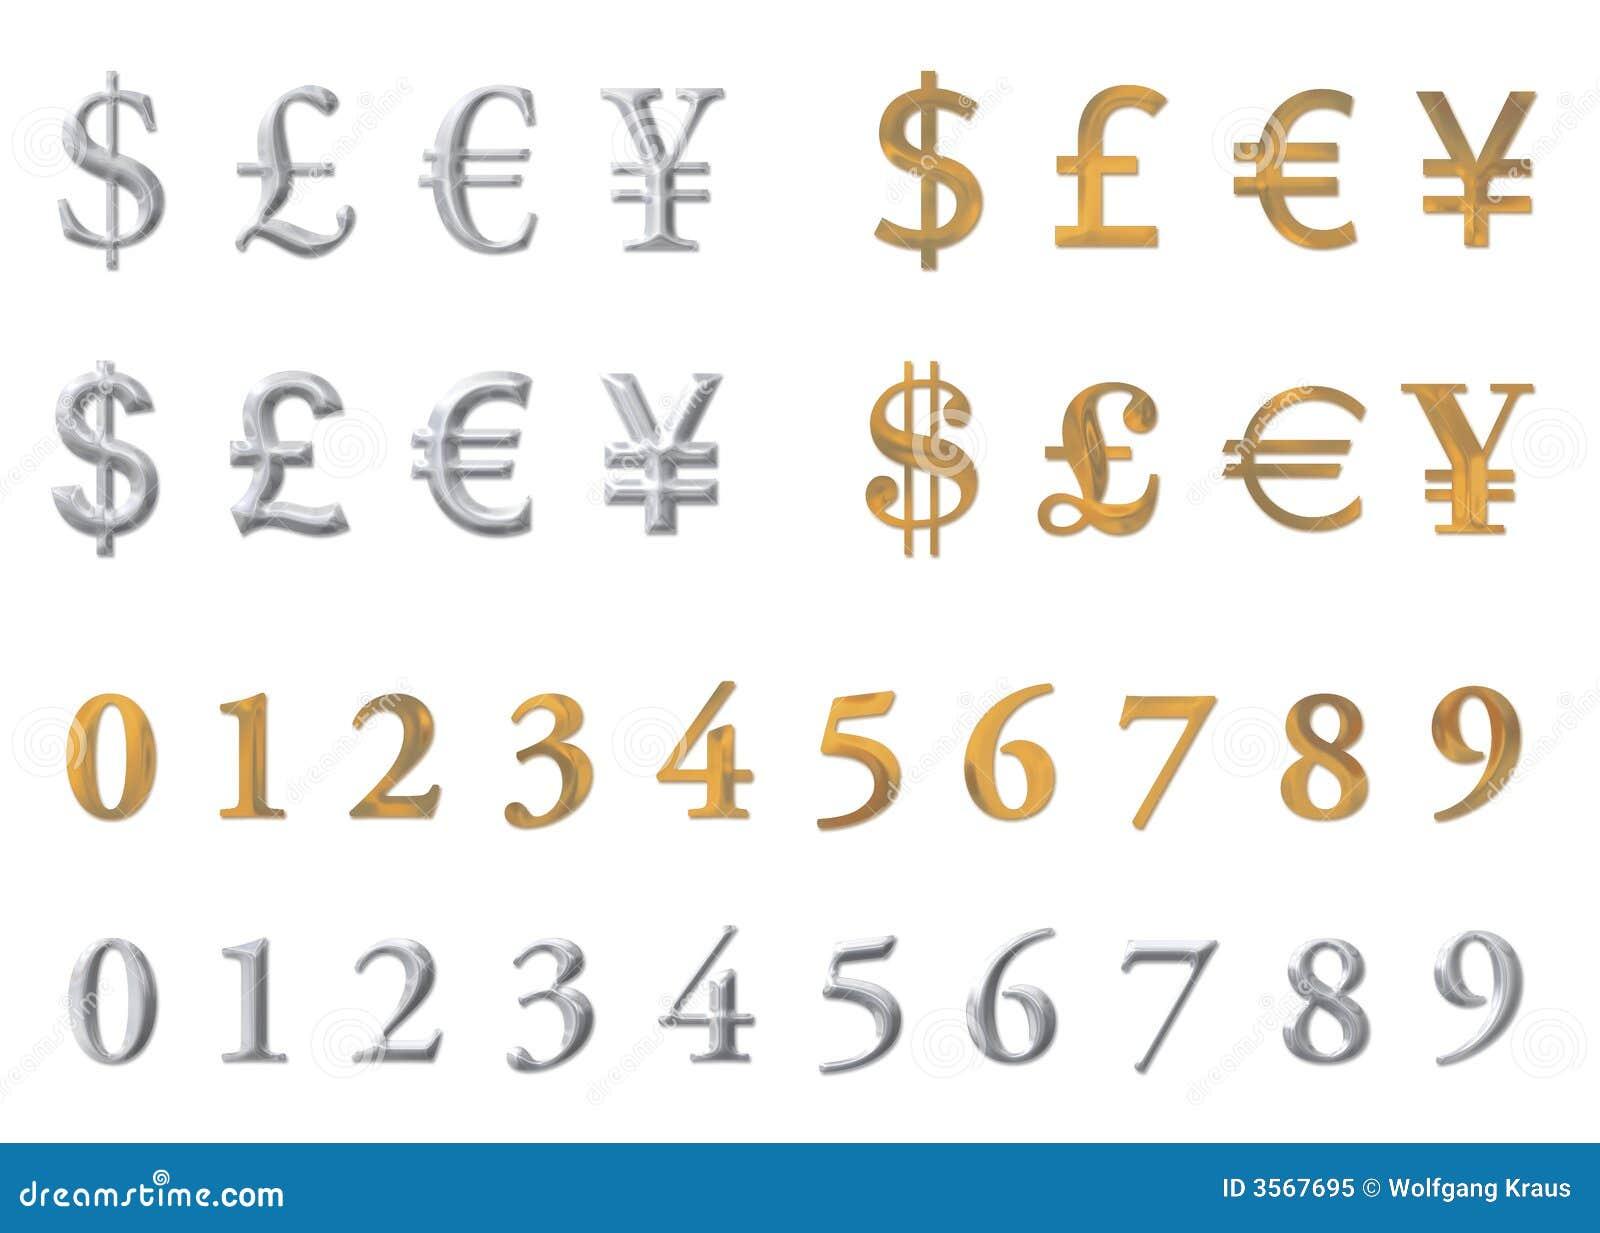 Valute metalliche